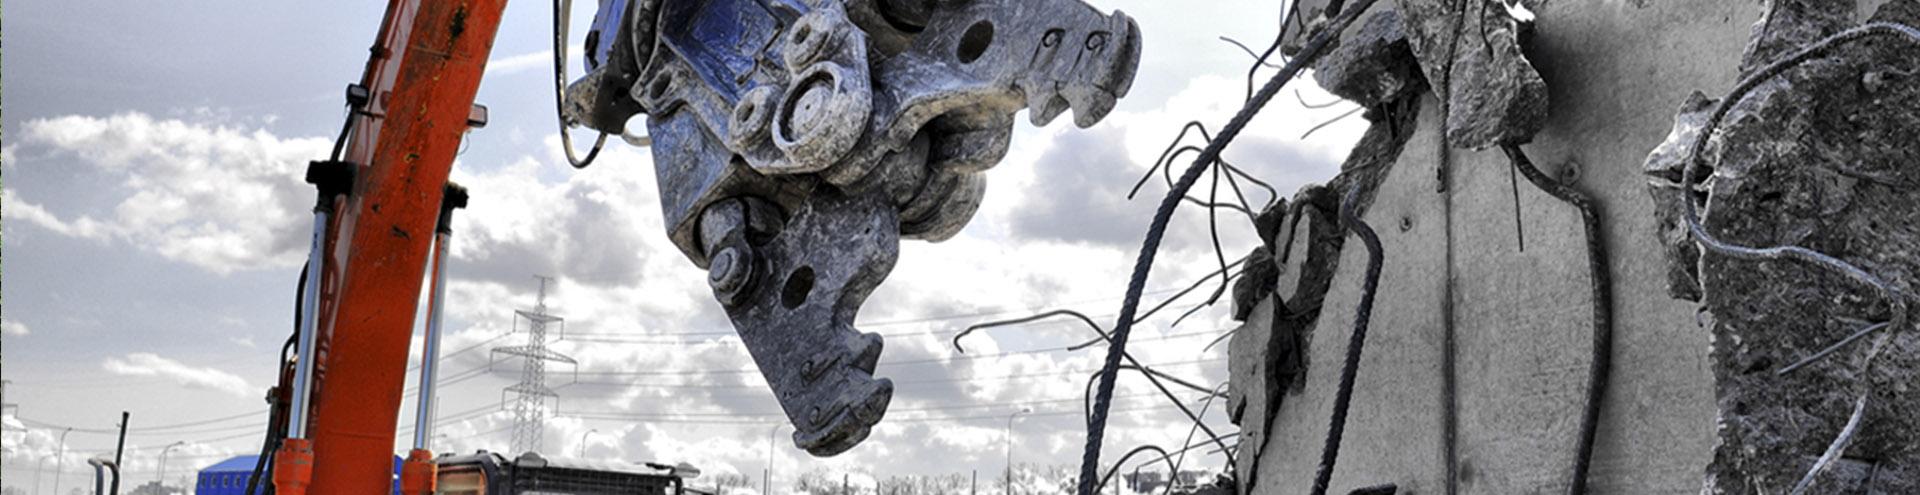 право на самовольную постройку в Самаре